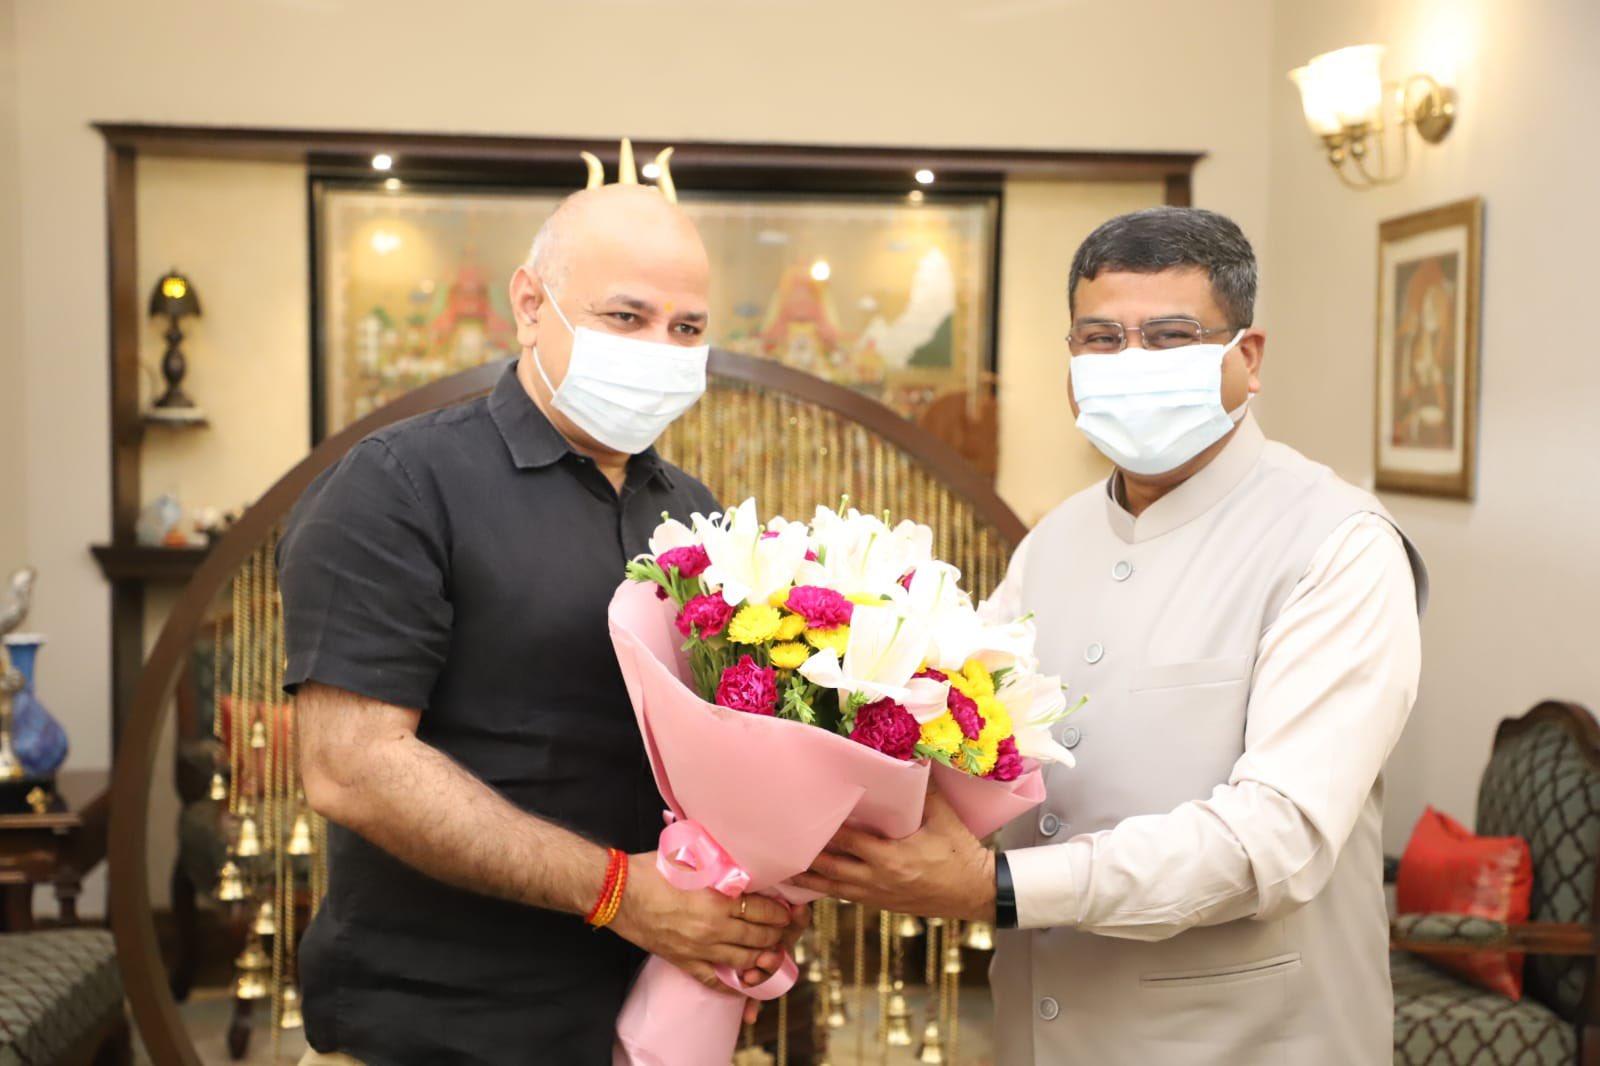 दिल्ली के शिक्षामंत्री मनीष सिसोदिया ने शिक्षा मंत्री धर्मेन्द्र प्रधान से नई दिल्ली में मुलाकात की